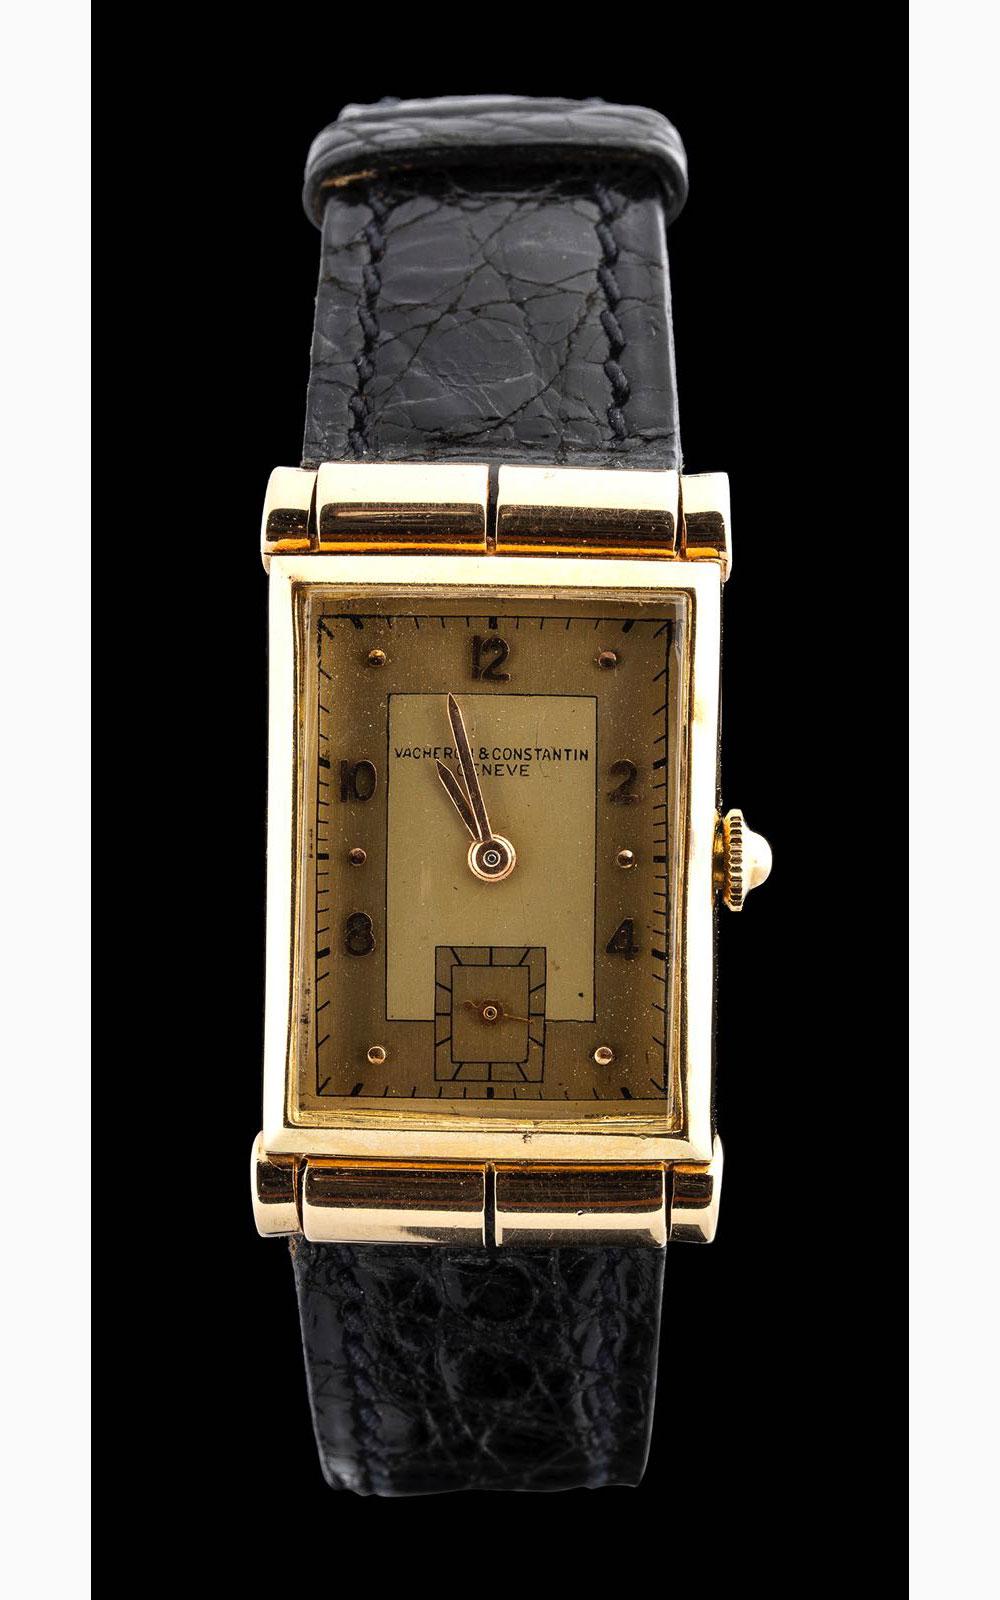 Vacheron Constantin Rectangular 14 kt gold case 1930 circa